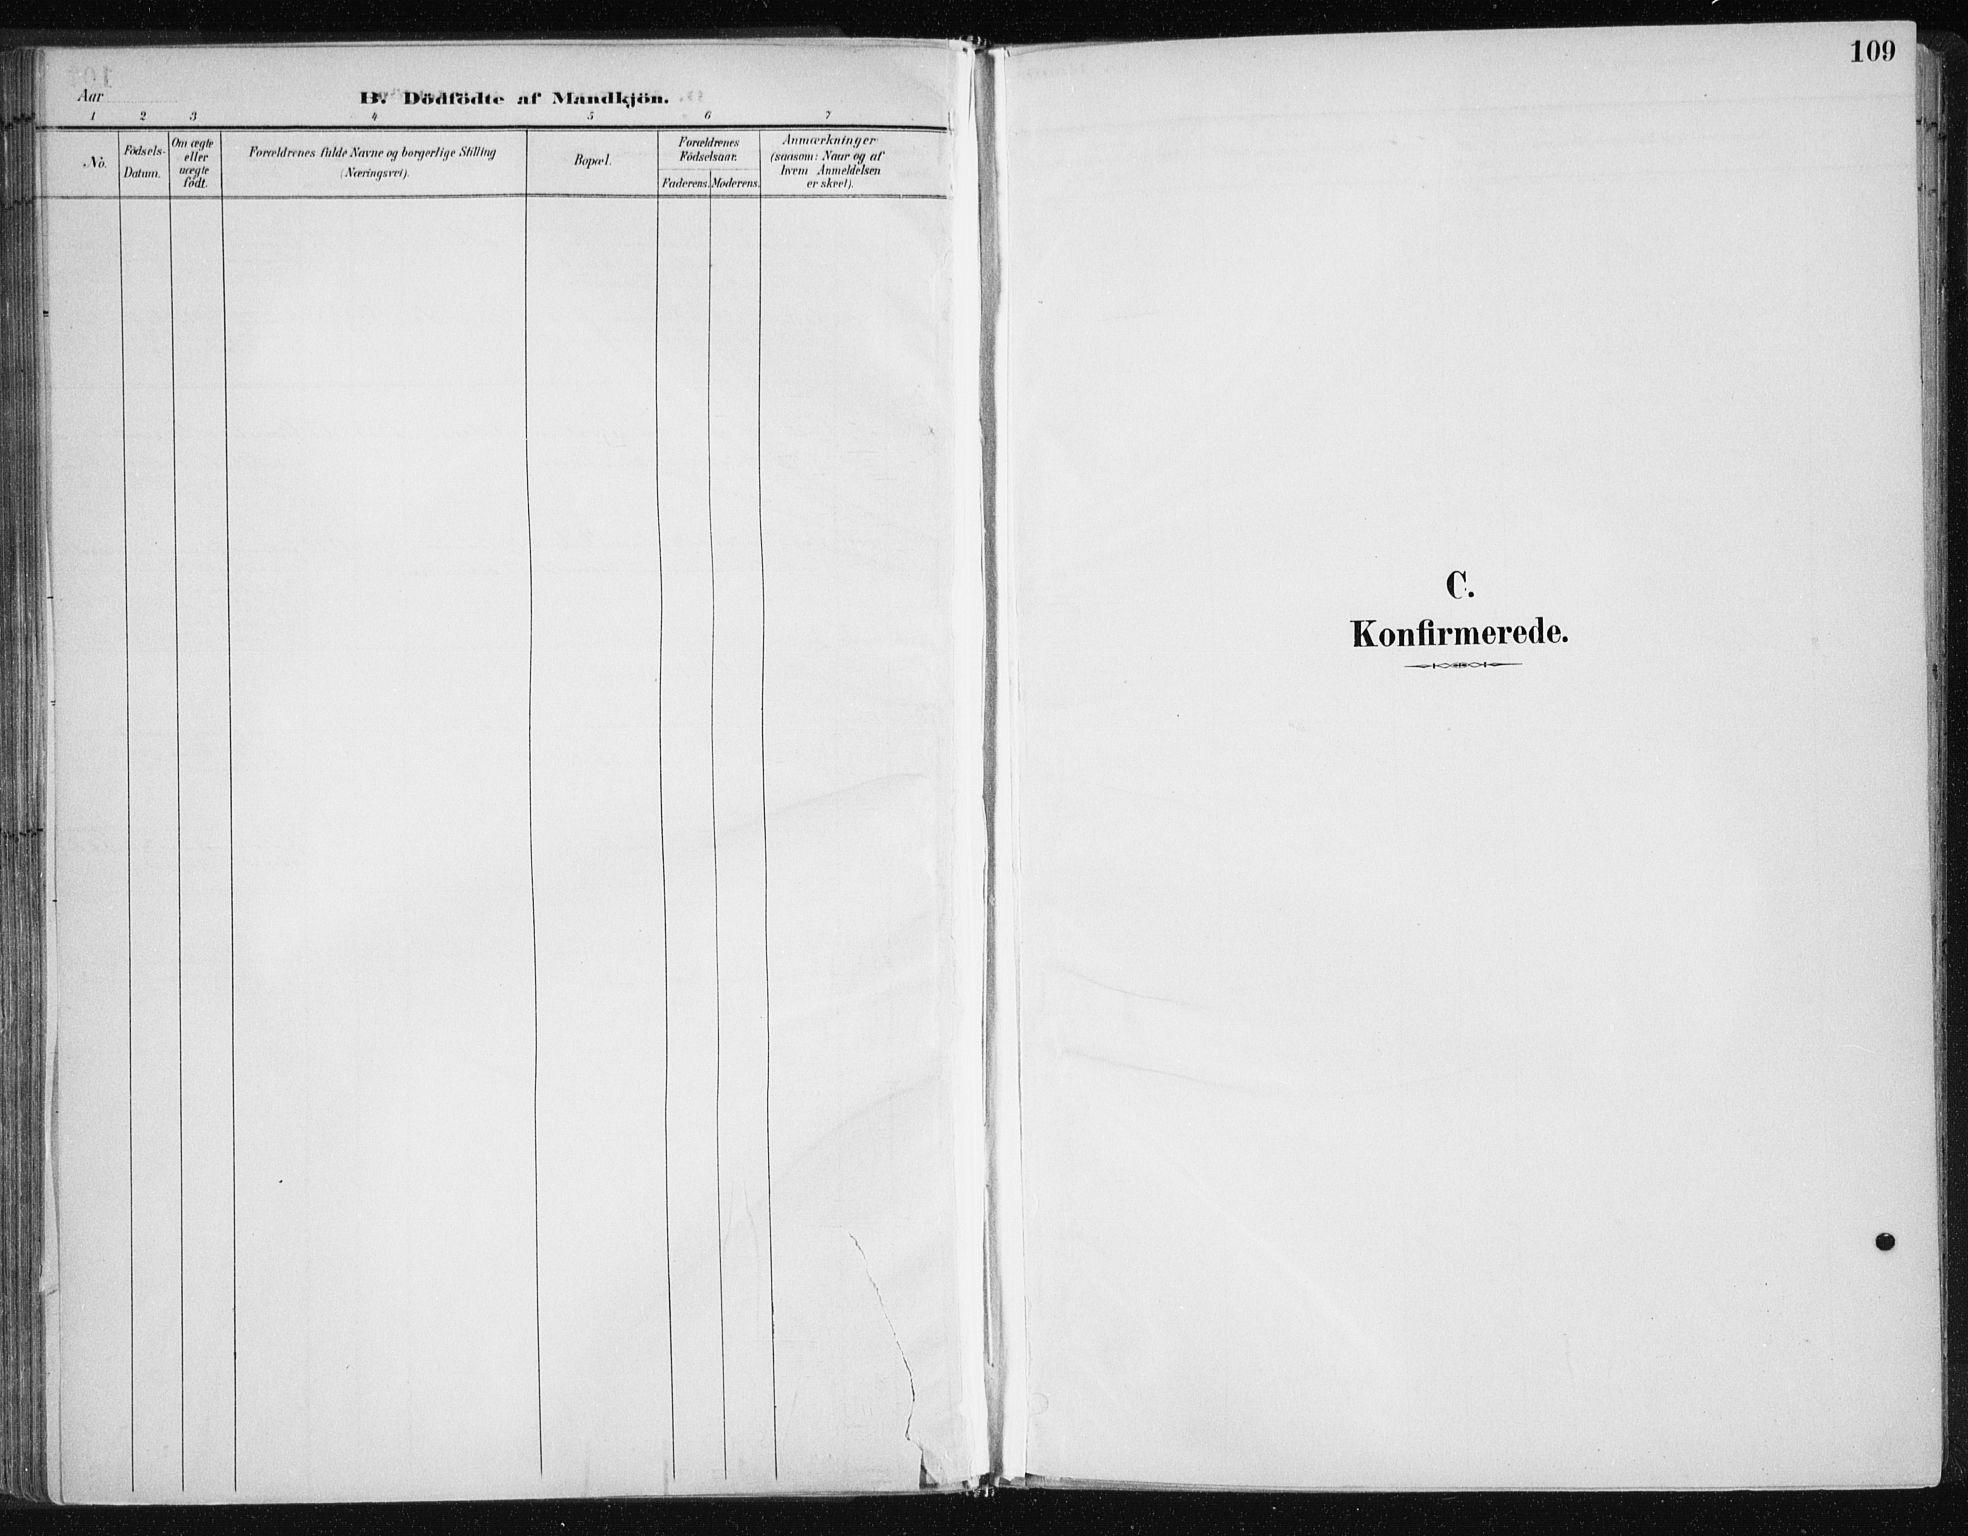 SAT, Ministerialprotokoller, klokkerbøker og fødselsregistre - Nord-Trøndelag, 701/L0010: Ministerialbok nr. 701A10, 1883-1899, s. 109